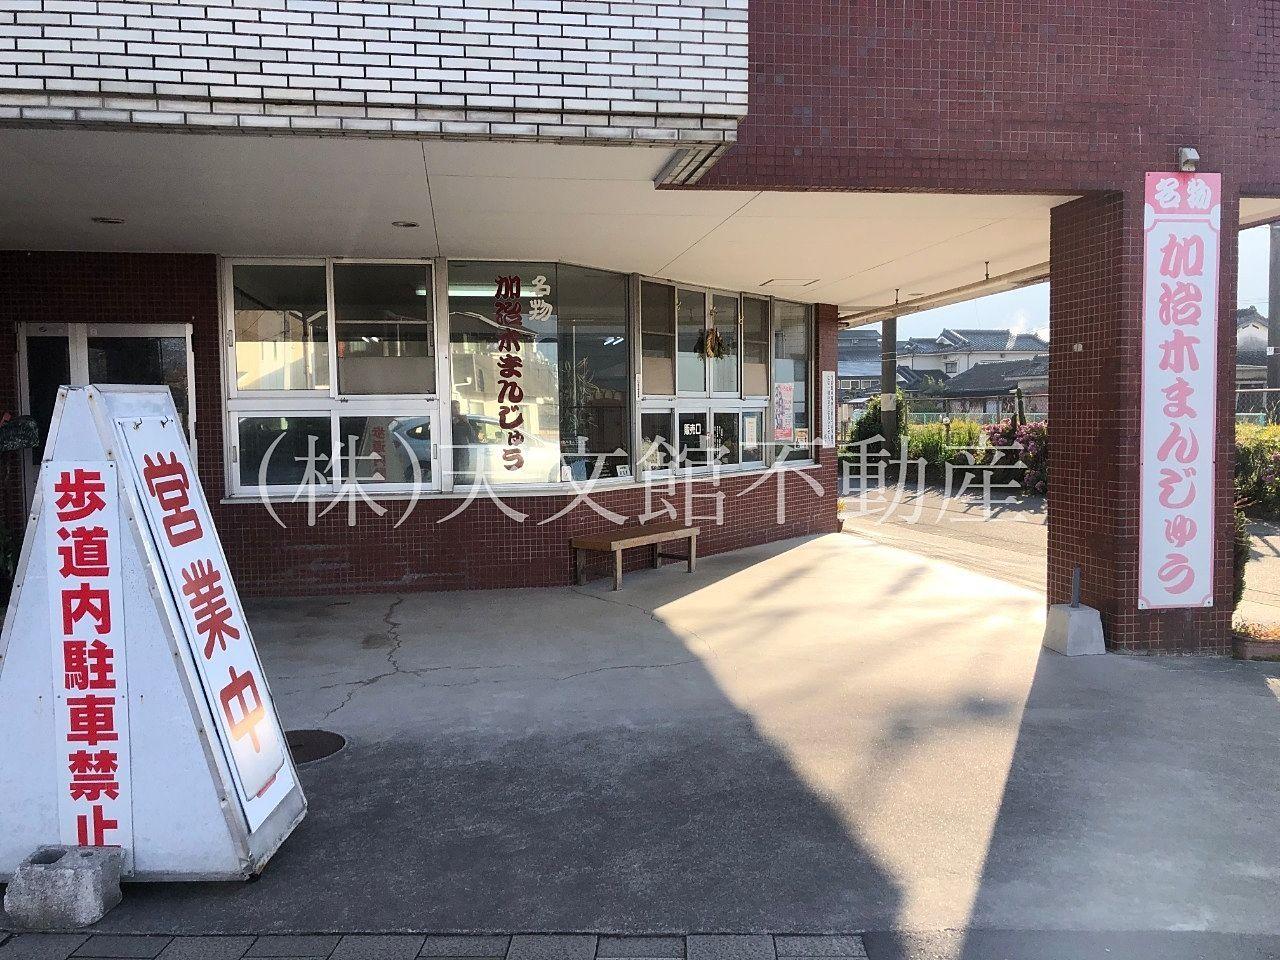 姶良市加治木町「新道屋」加治木まんじゅうの有名店です。店舗外観です。